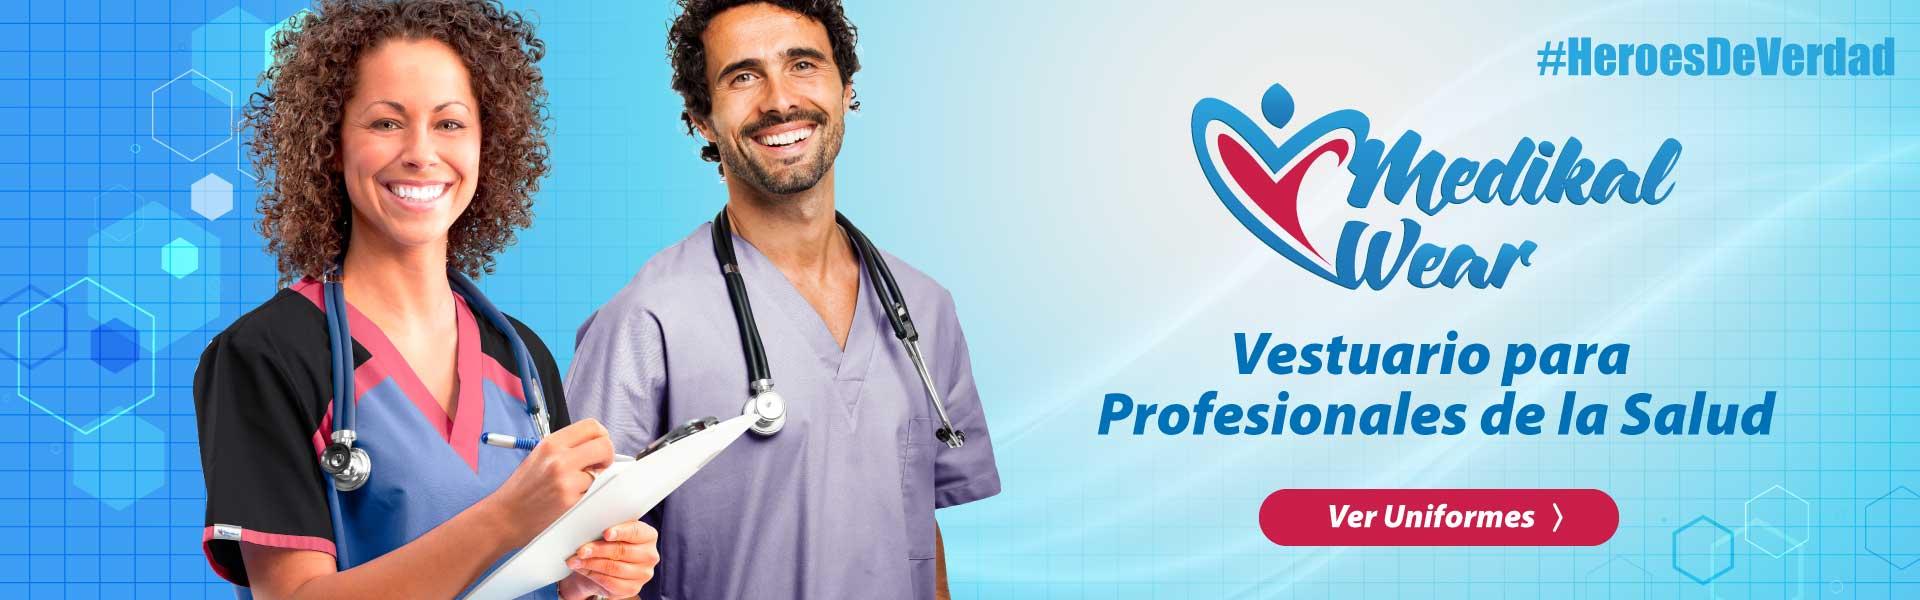 uniformes profesionales - salud y cuidado